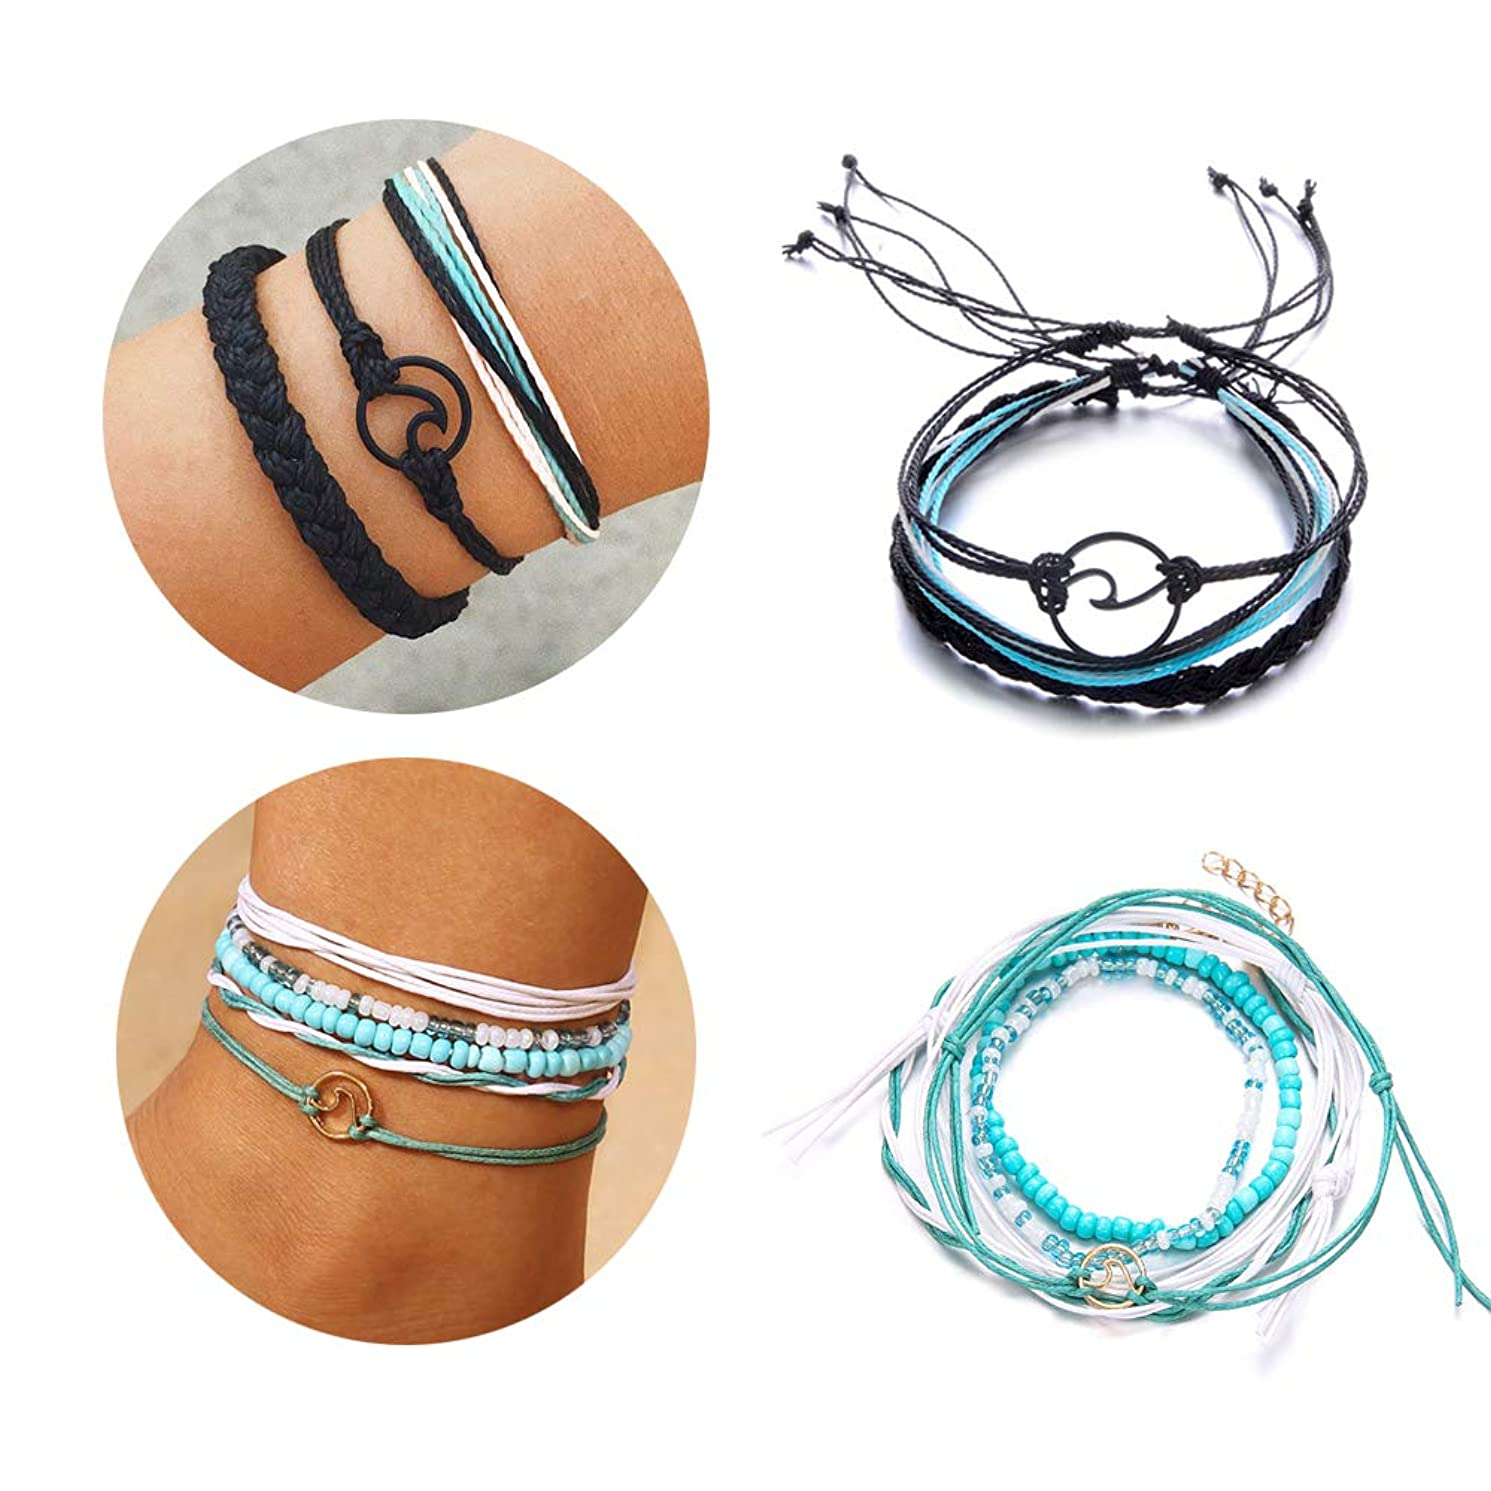 Q﹠YFH 2 Pcs Summer Surfer Wave Anklet Bracelet for Woman,Adjustable Waterproof Ocean Wave Braided Rope String Bracelet Set